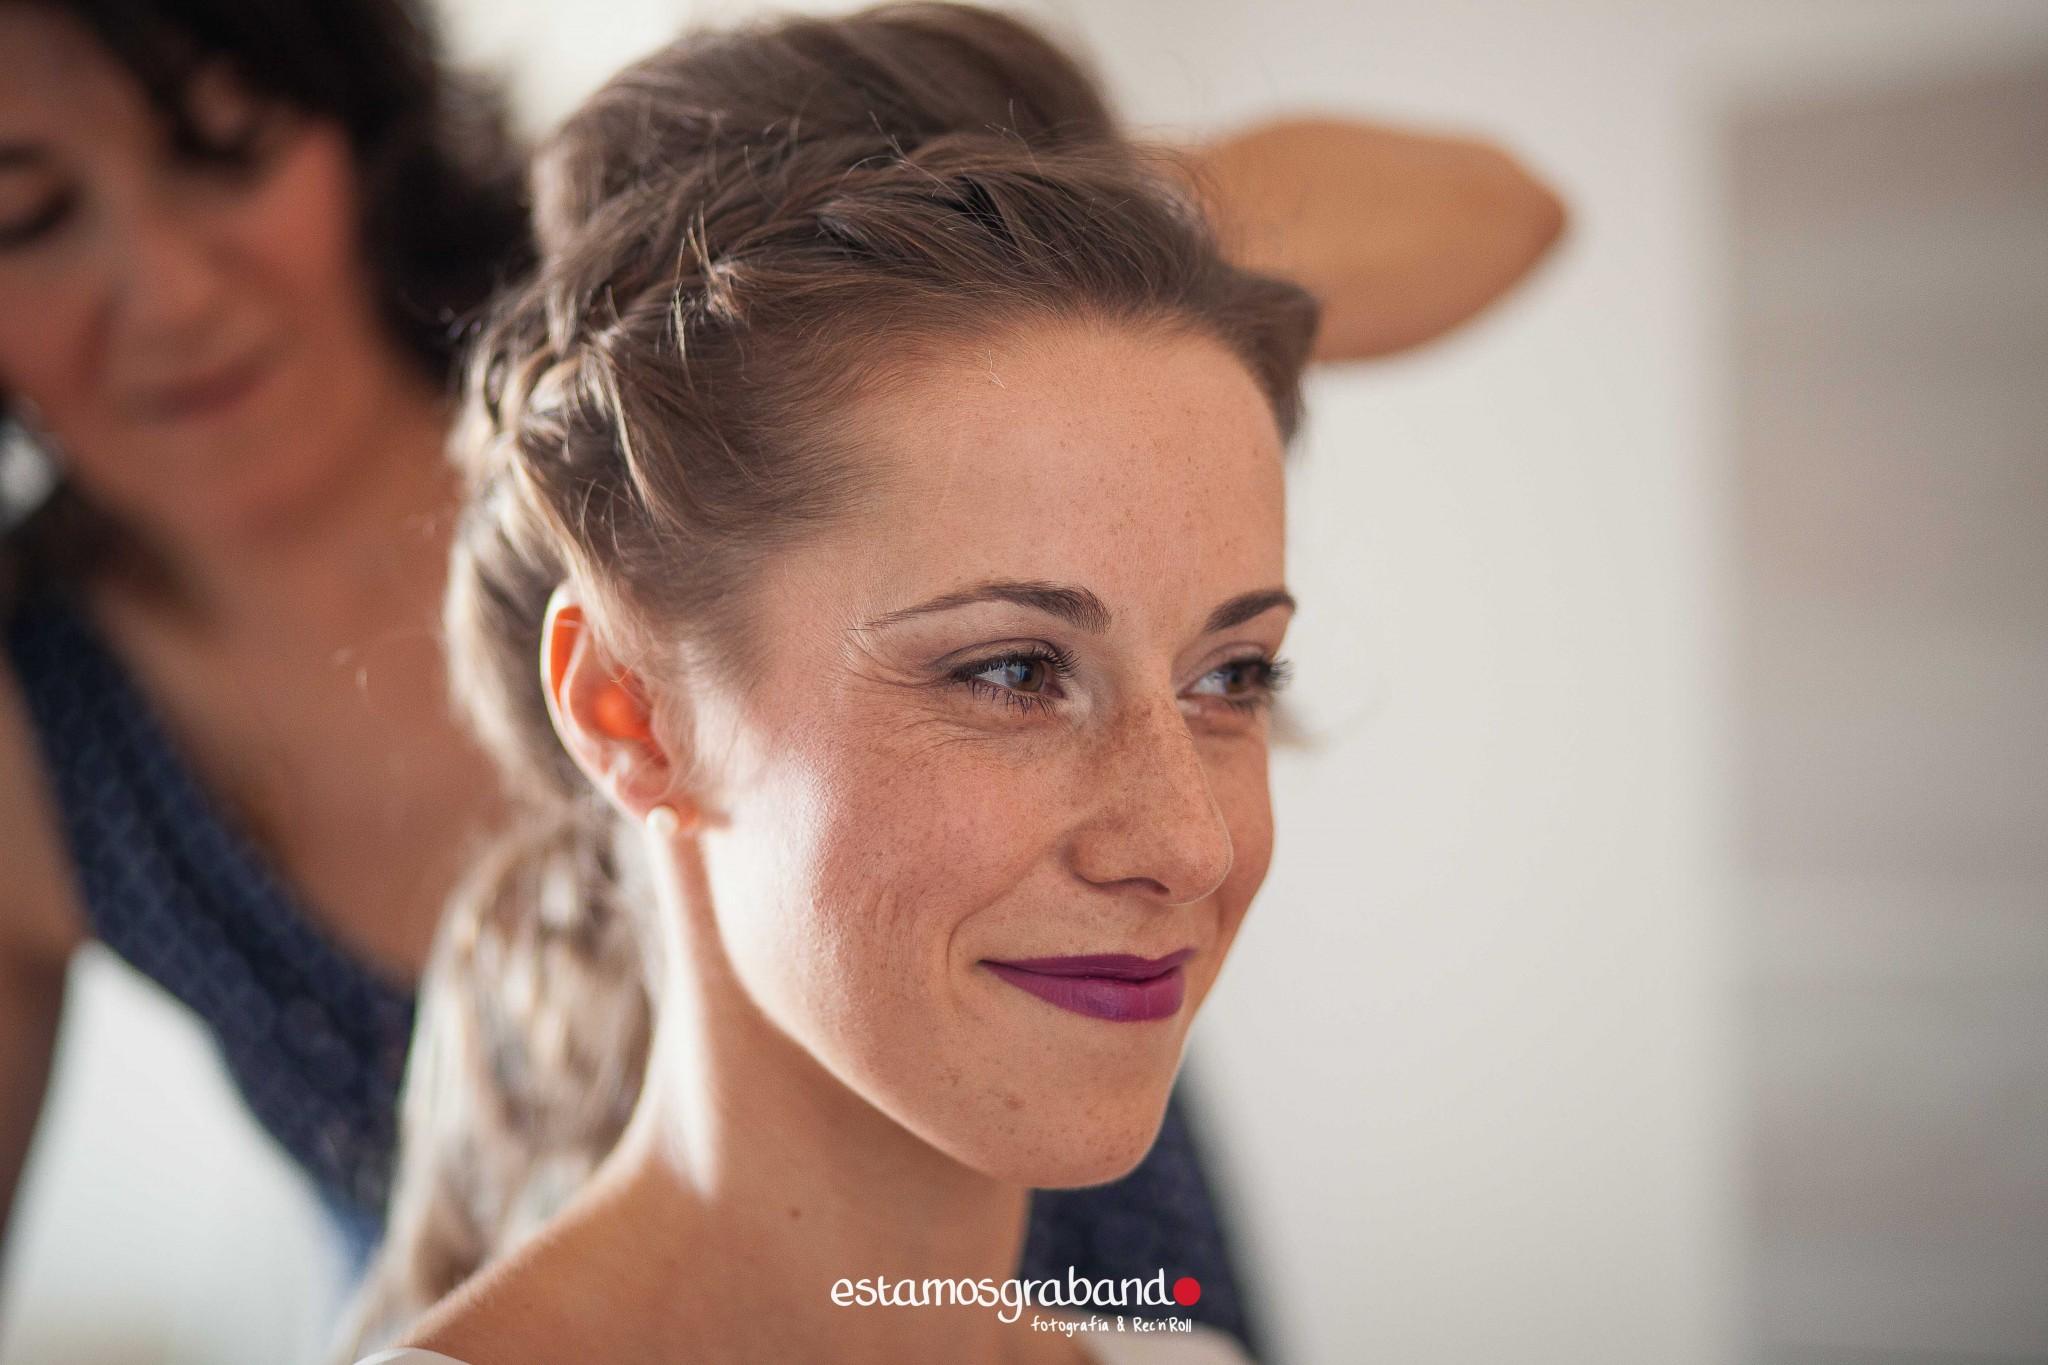 fotografo-de-bodas-jerez_mari-paz-jaime_bodegas-tradiciocc81n-23 32 escalones [Fotografía de bodas Jerez_Mari Paz & Jaime] - video boda cadiz